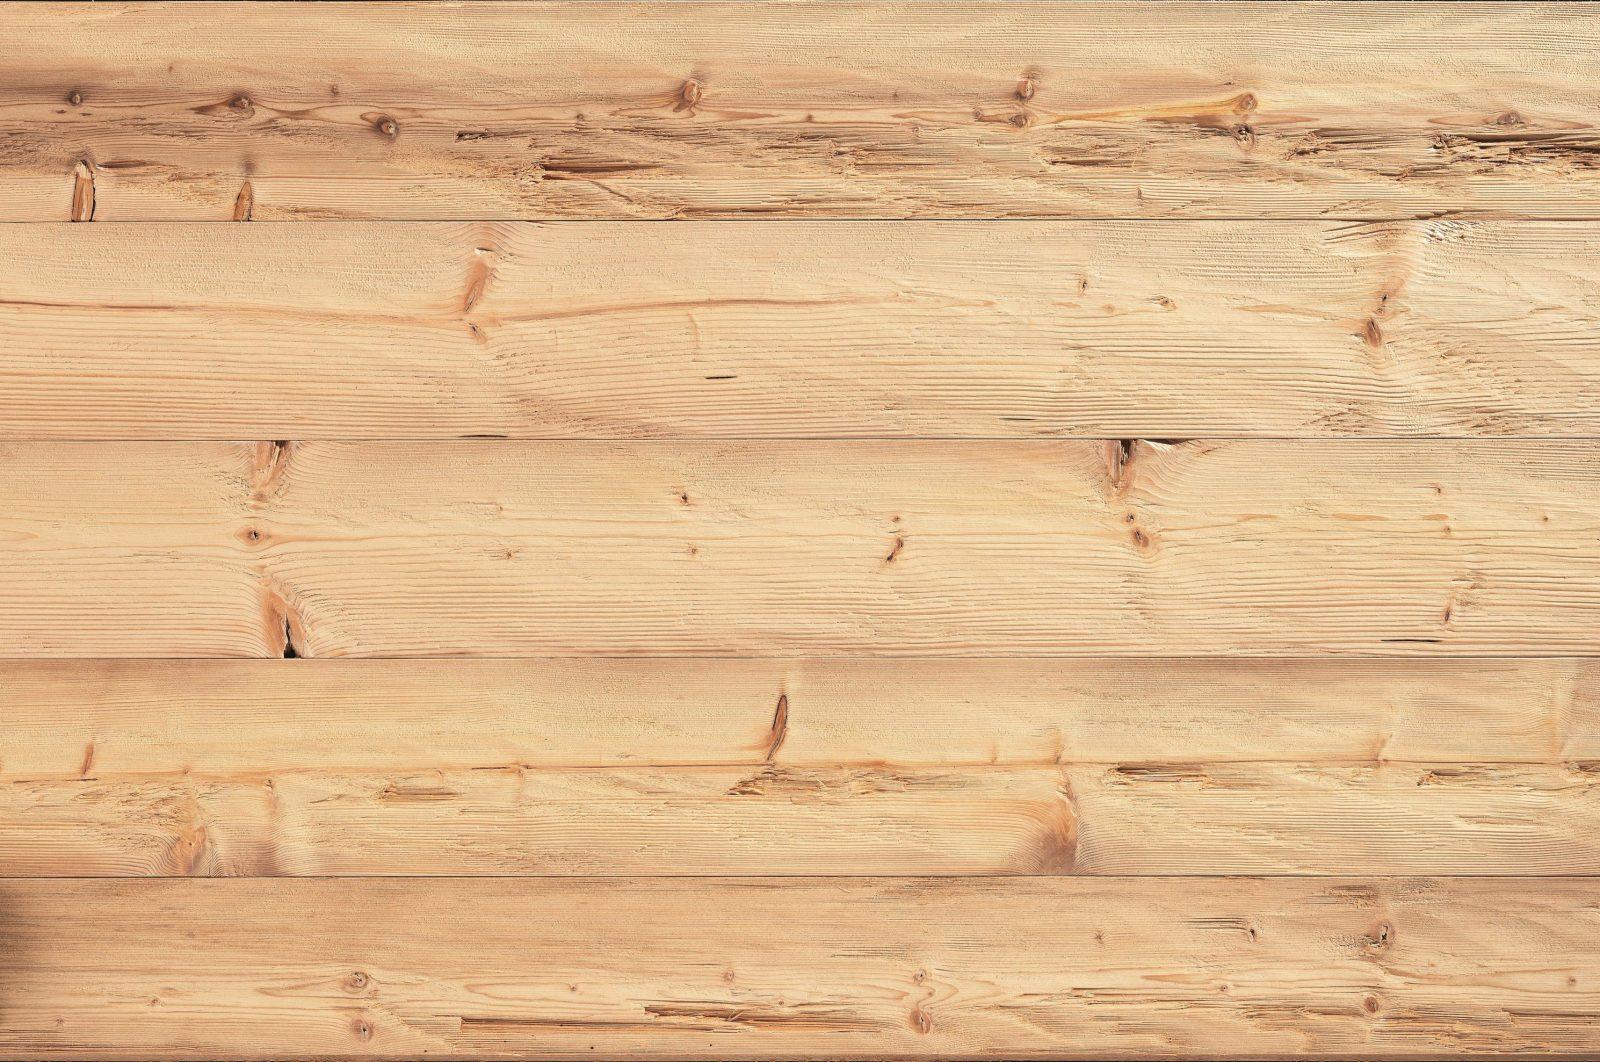 Wunderschöne Wandverkleidung Holz Innen Rustikal Holz von Wandverkleidung Aus Holz Innen Photo